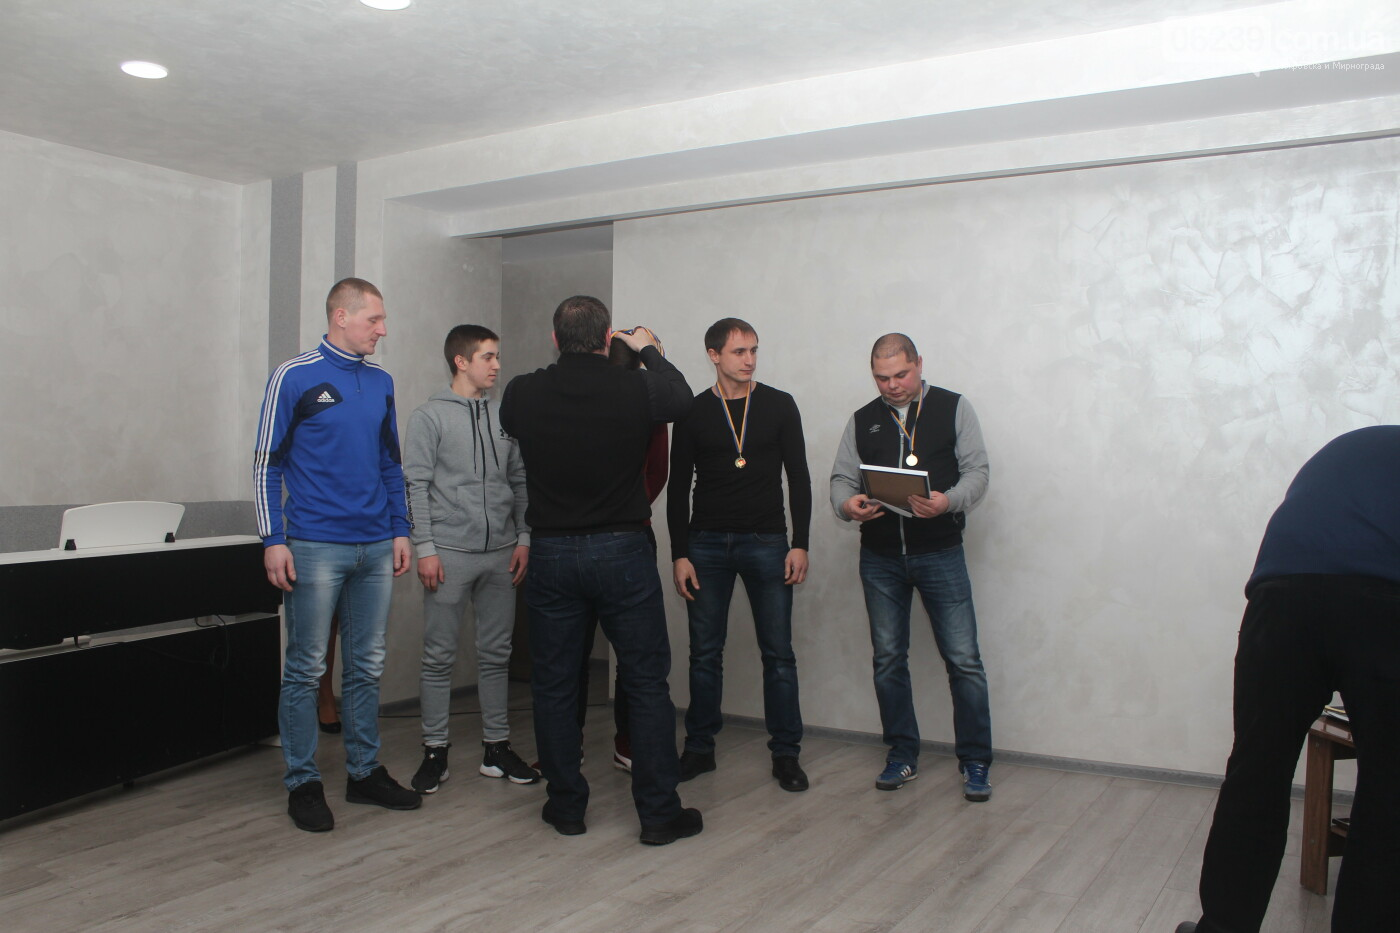 В Покровске состоялось награждение призёров открытого Чемпионата города по футболу, фото-5